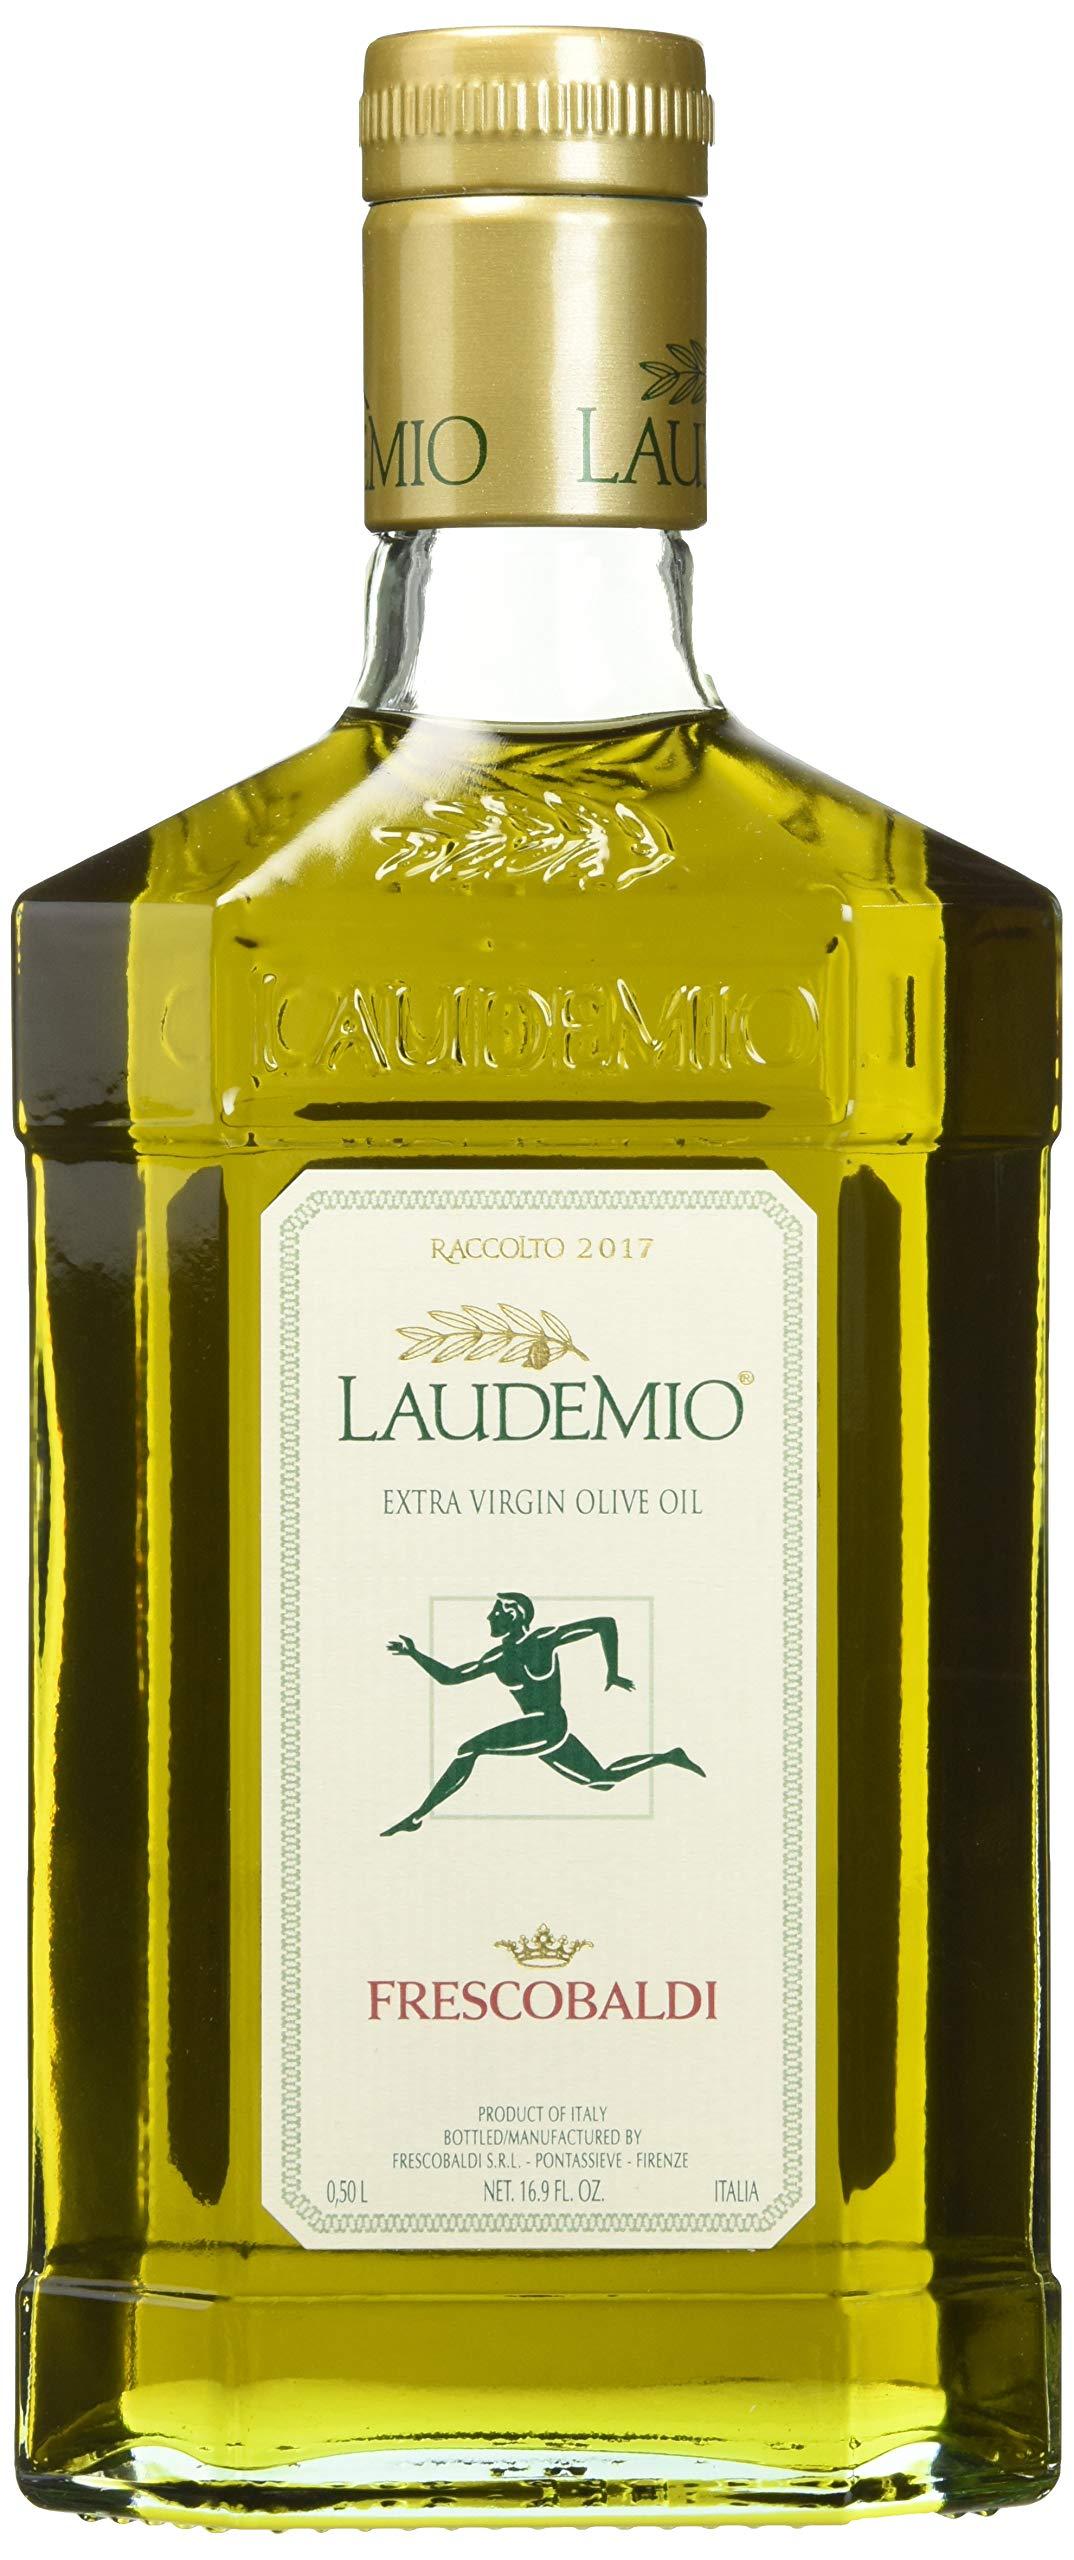 Frescobaldi Laudemio Extra Virgin Olive Oil (Italy)